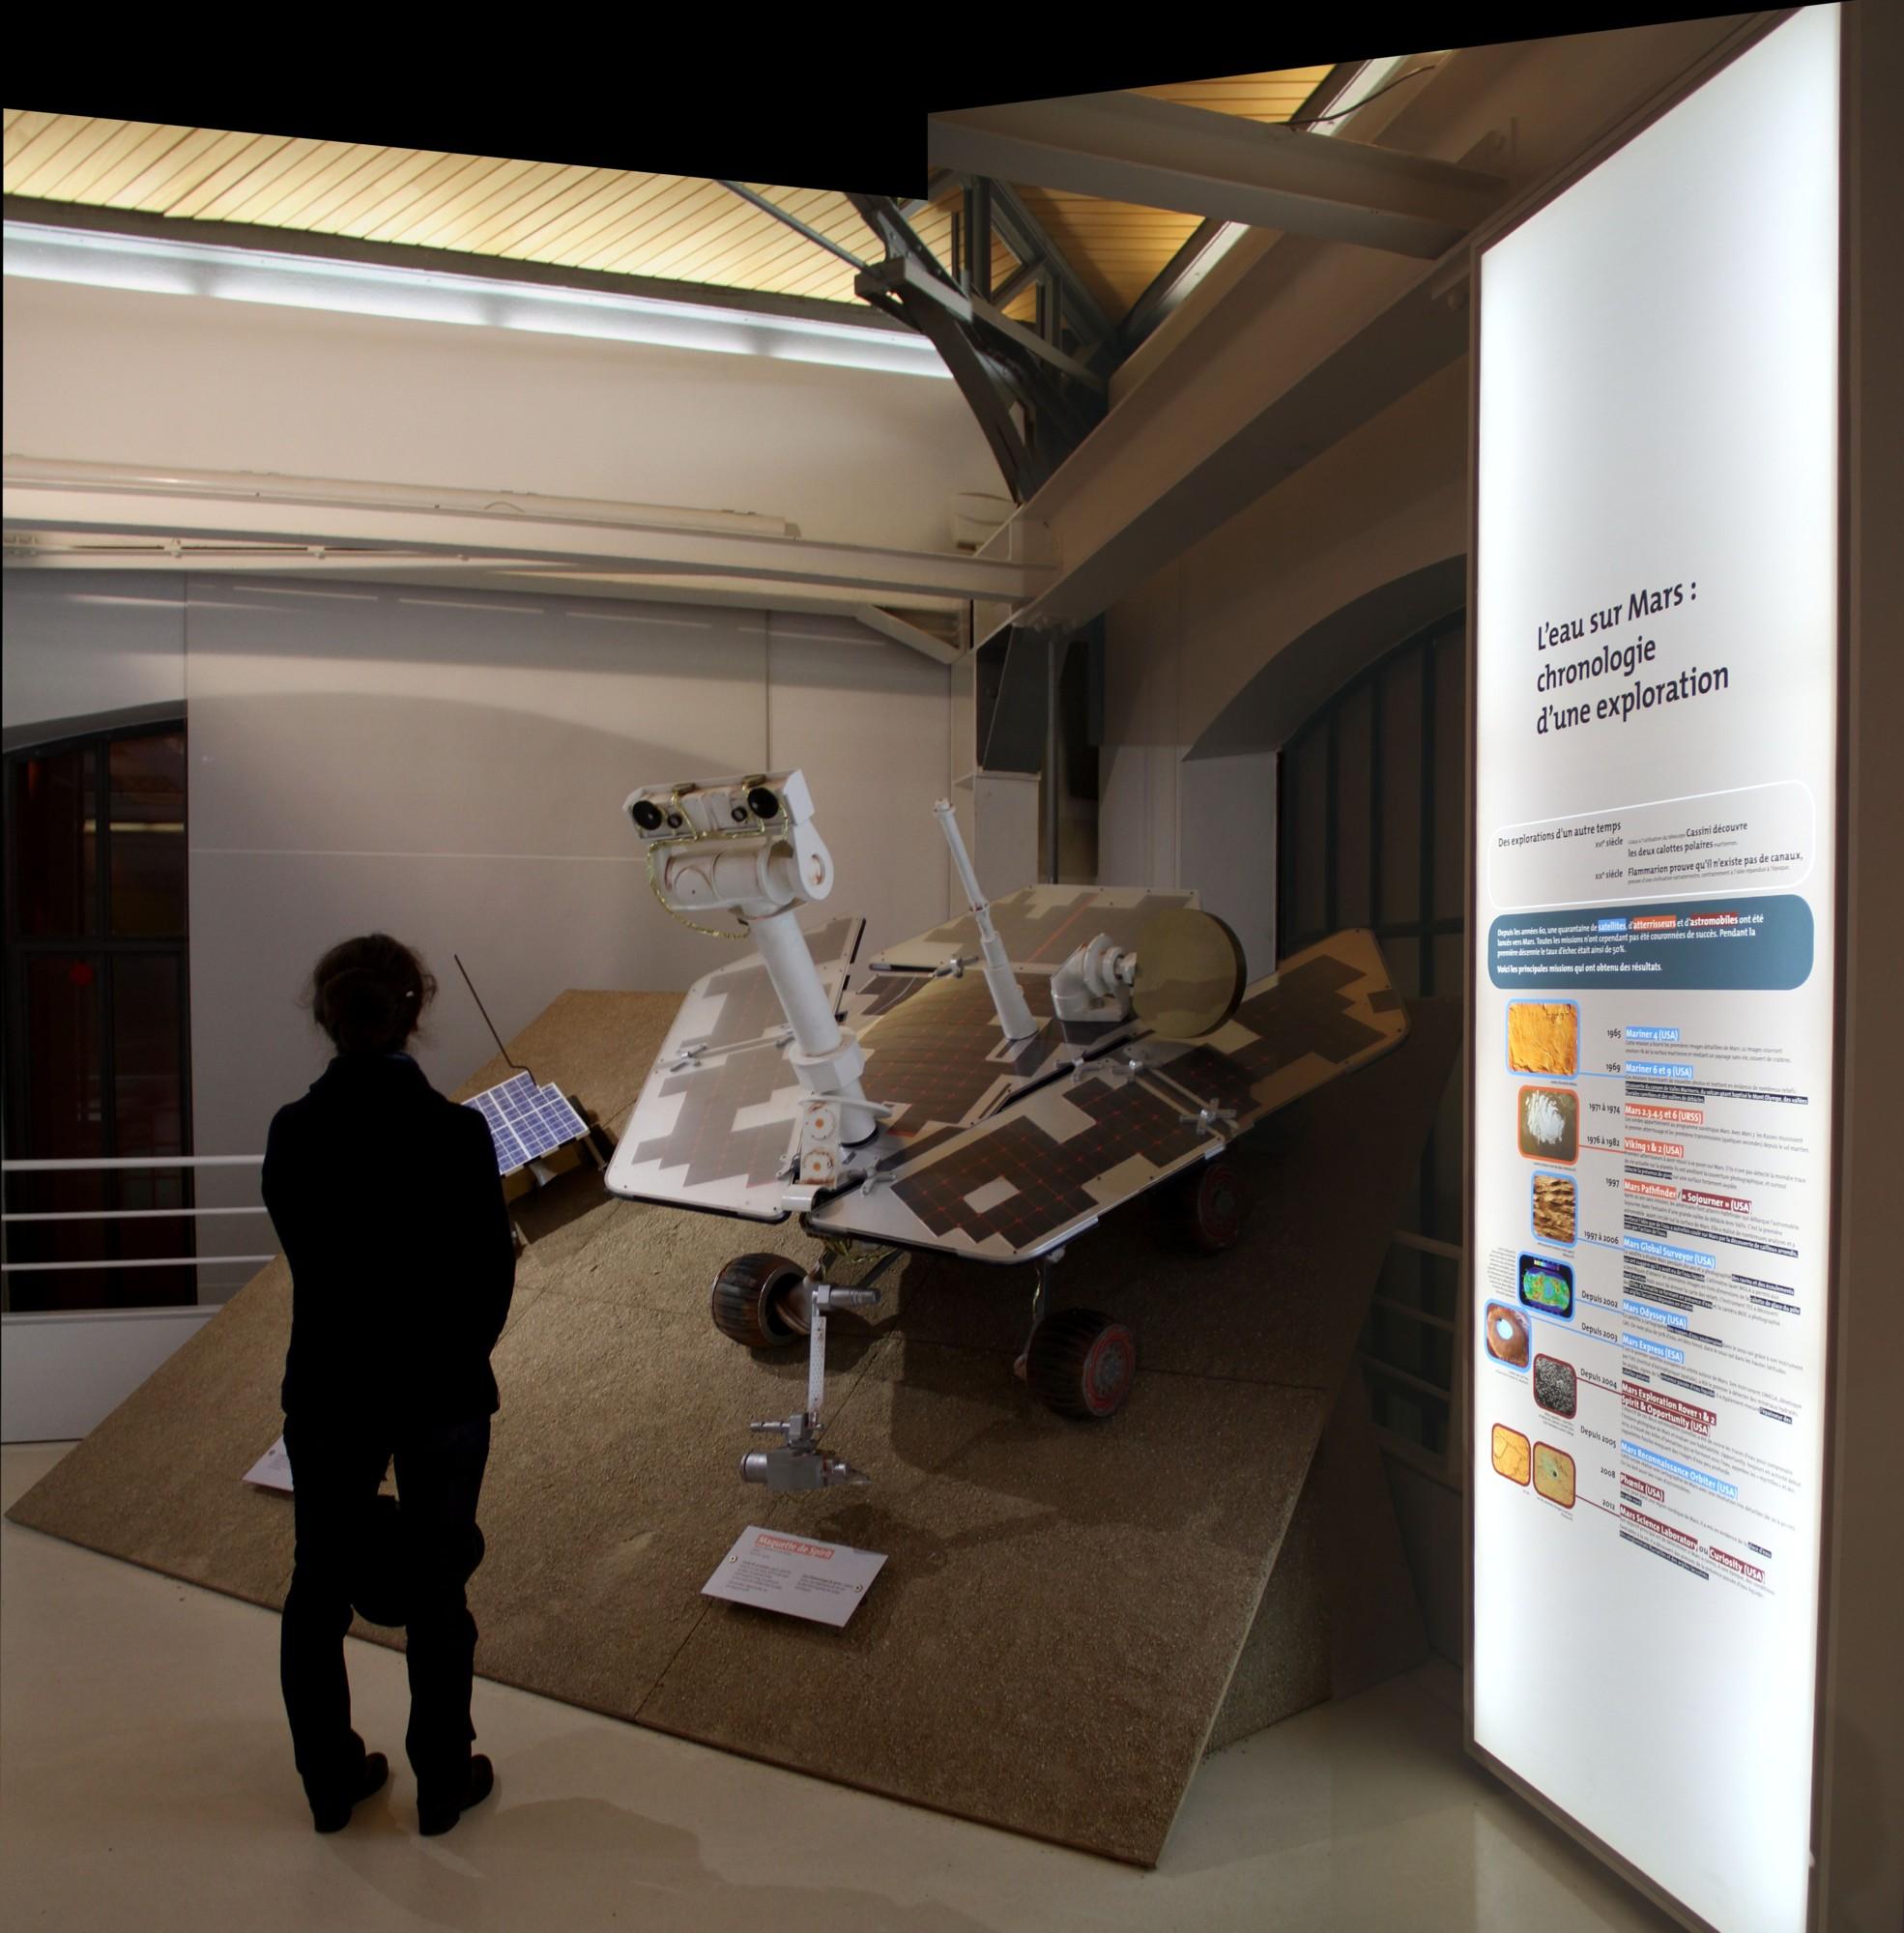 14 12 18 - 17h 50m 54s - Expo l'eau sur Mars pavillon de l'eau_stitch rec